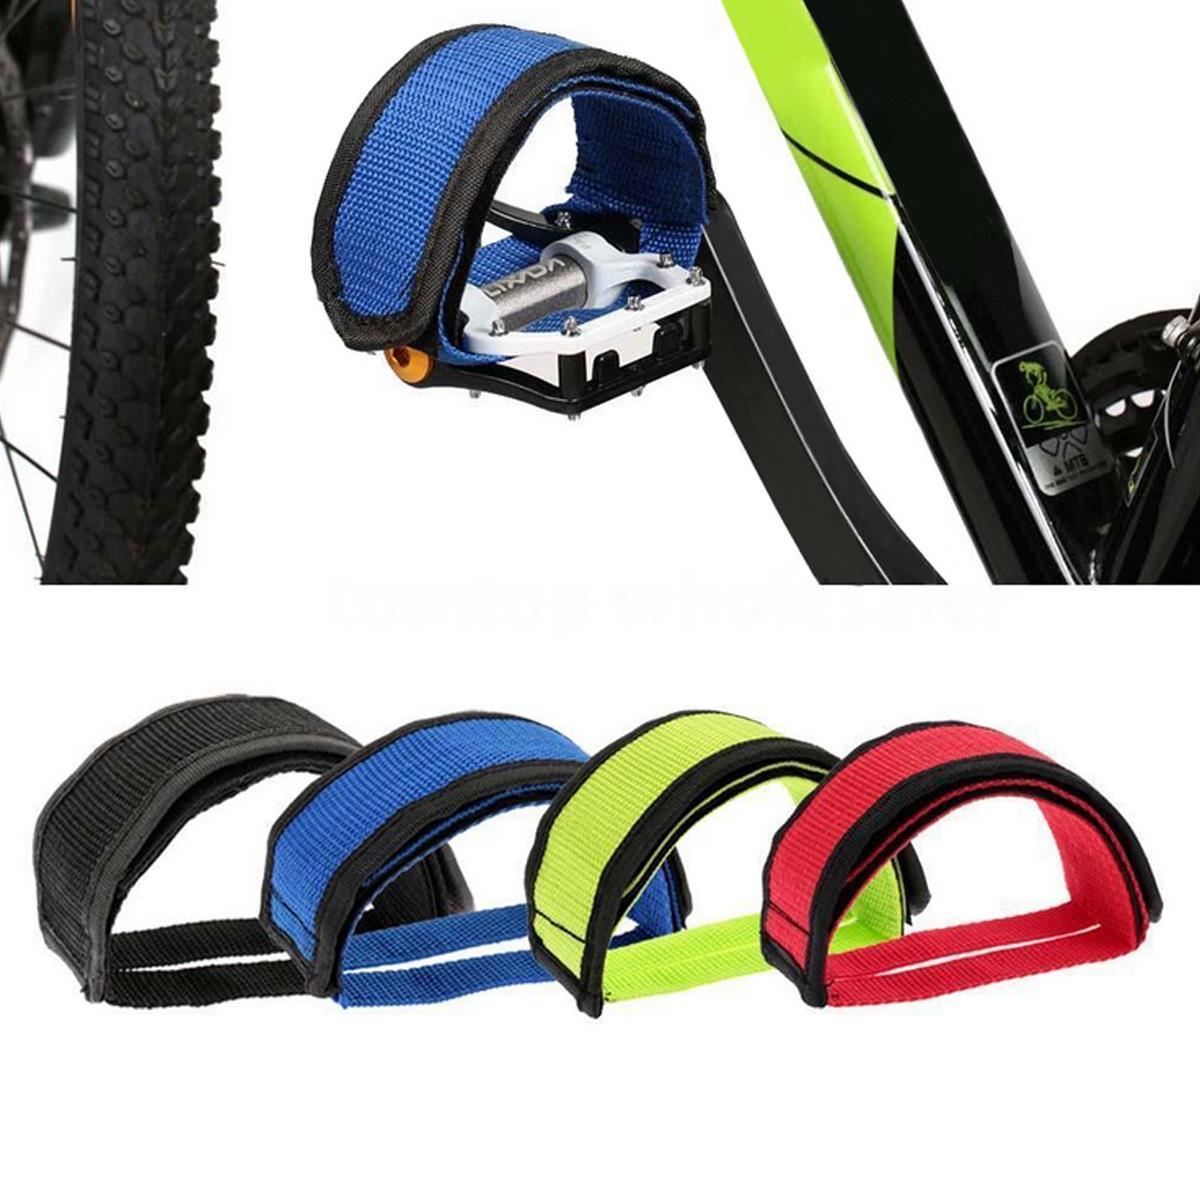 BIKIGHT correas del pedal del pie de la bicicleta de 1 par Cinturón correas del dedo del pie antideslizante del engranaje fijo